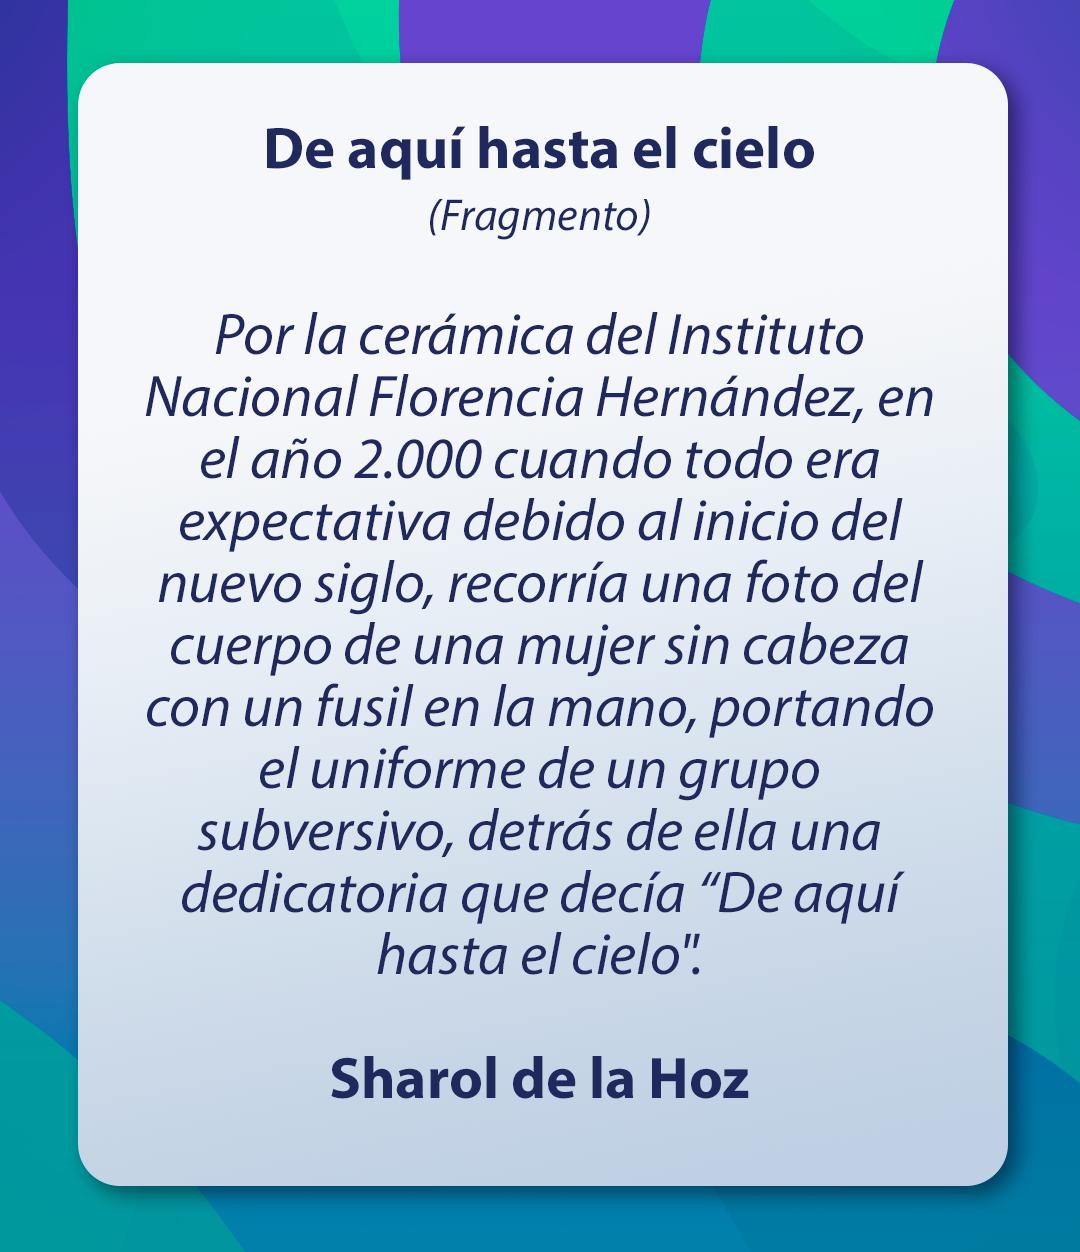 Cuento Sharol de la Hoz